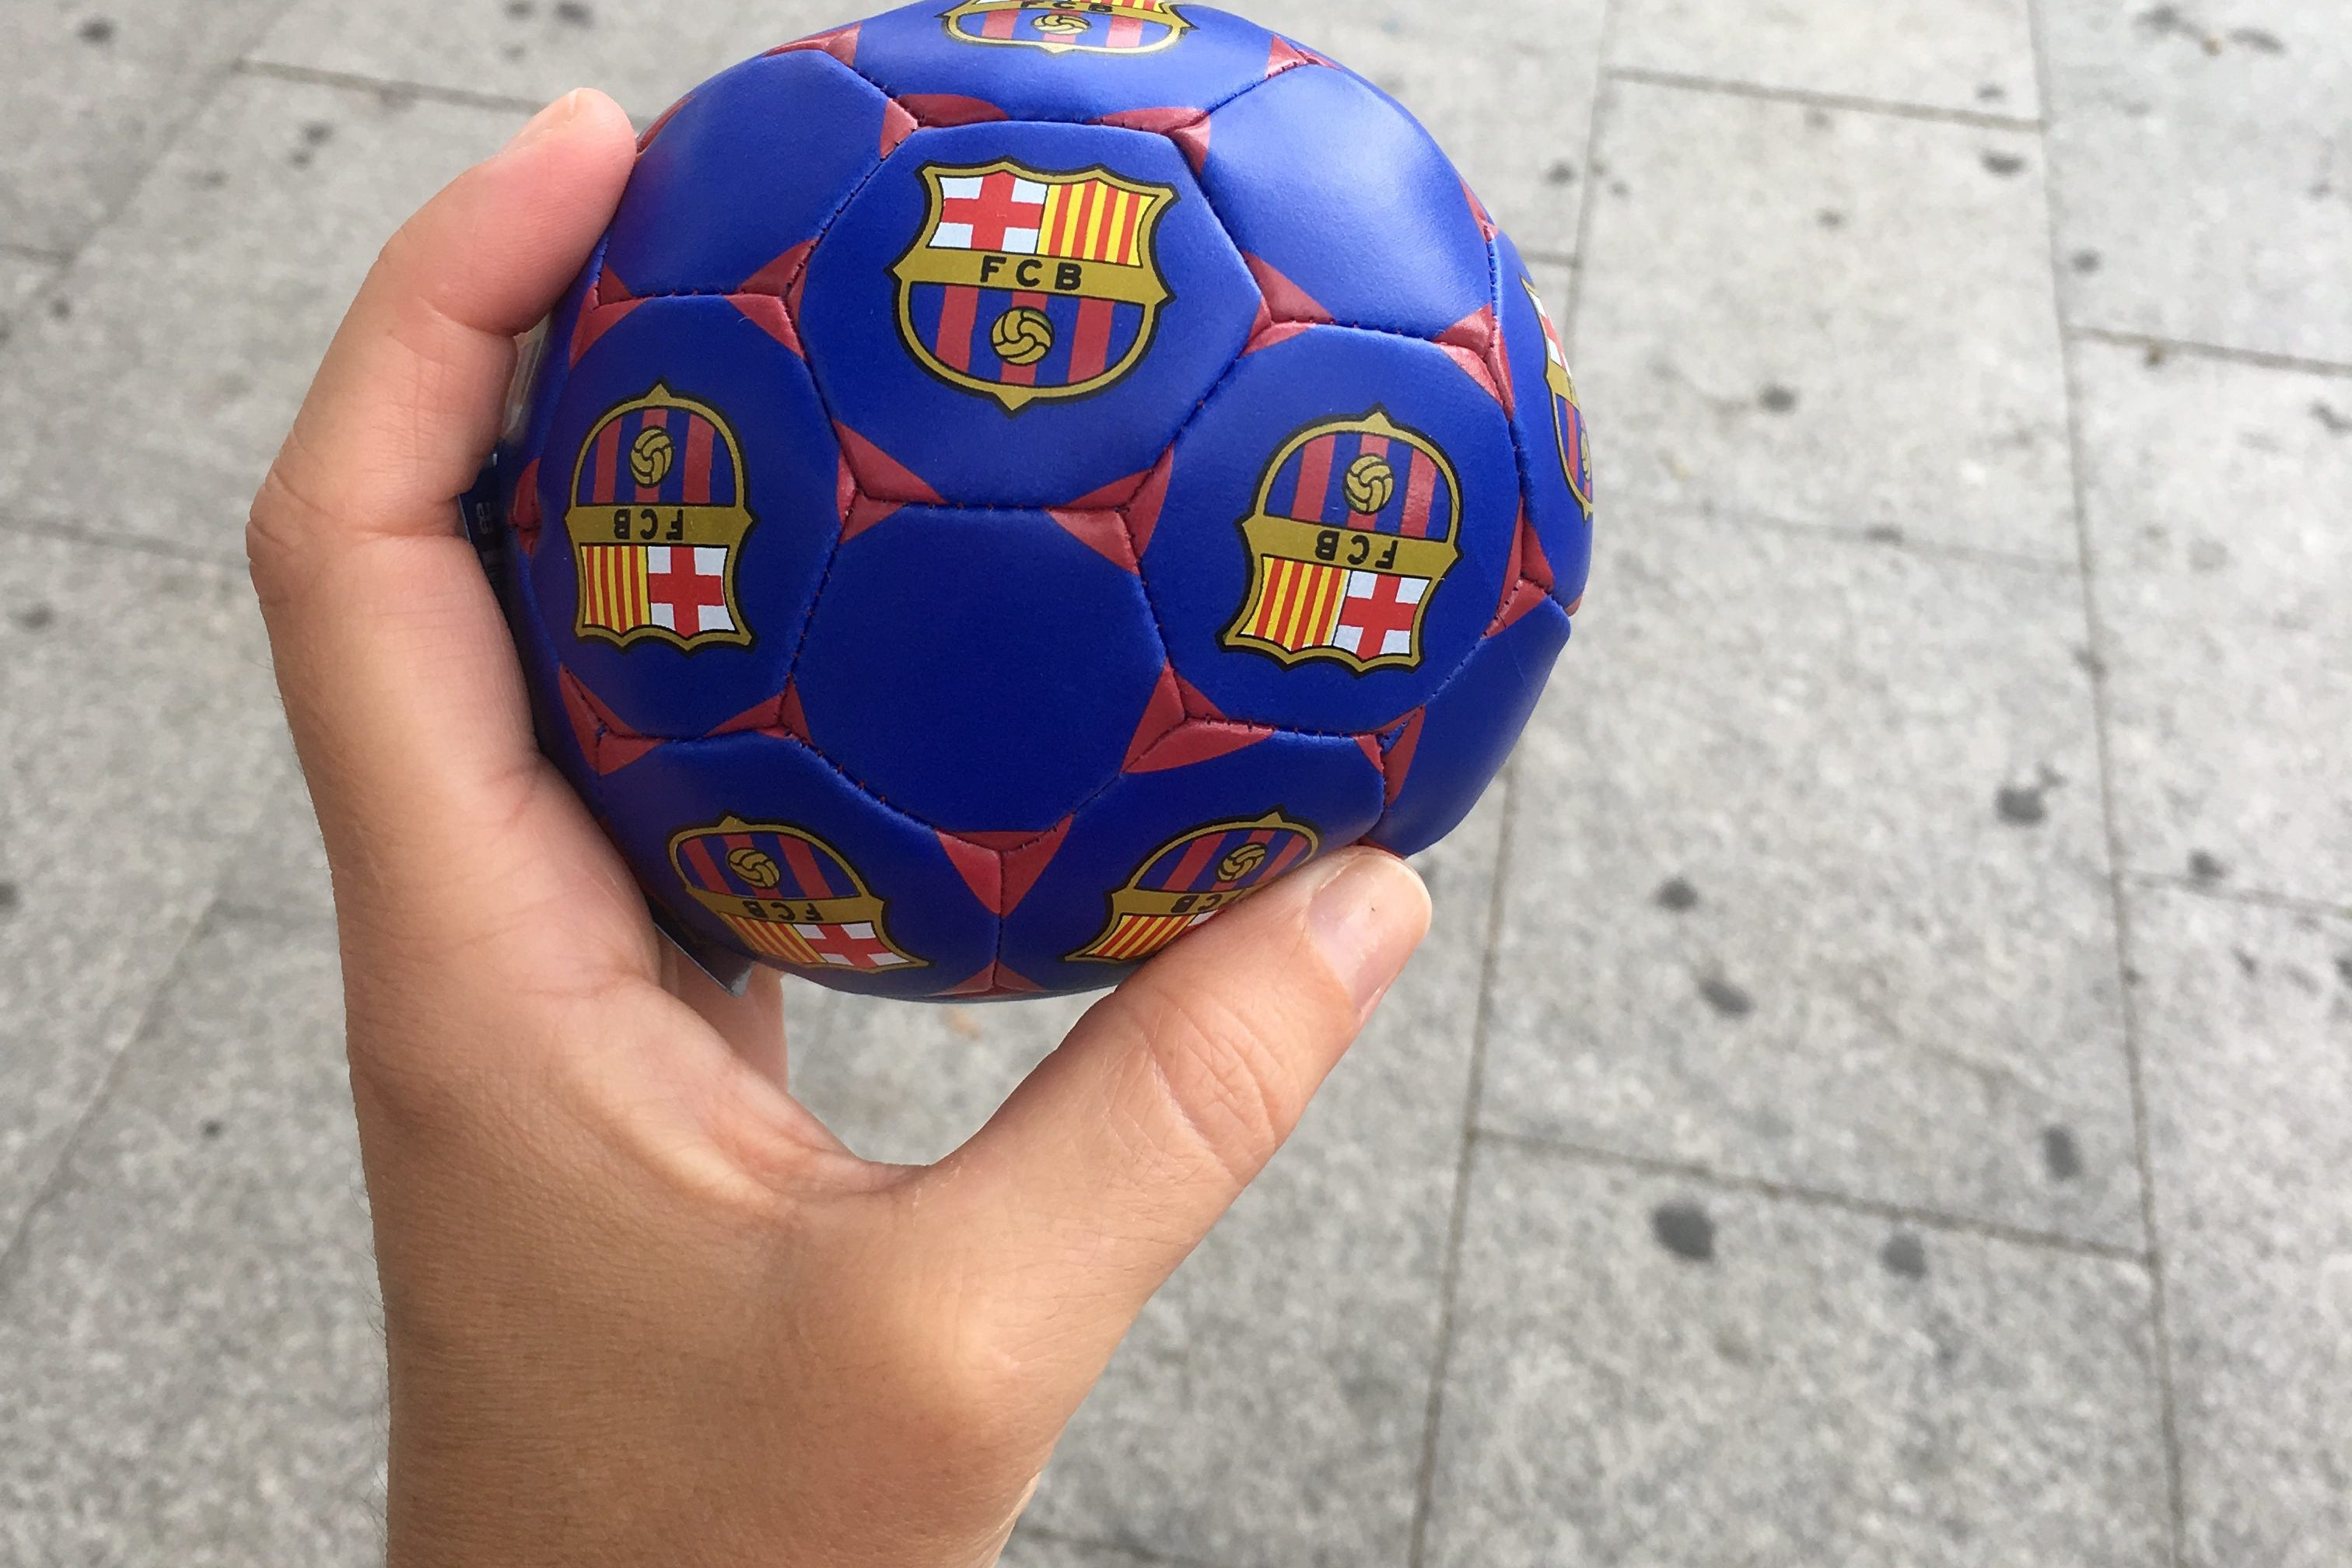 Barcellona raccontata attraverso un profumo: Percival